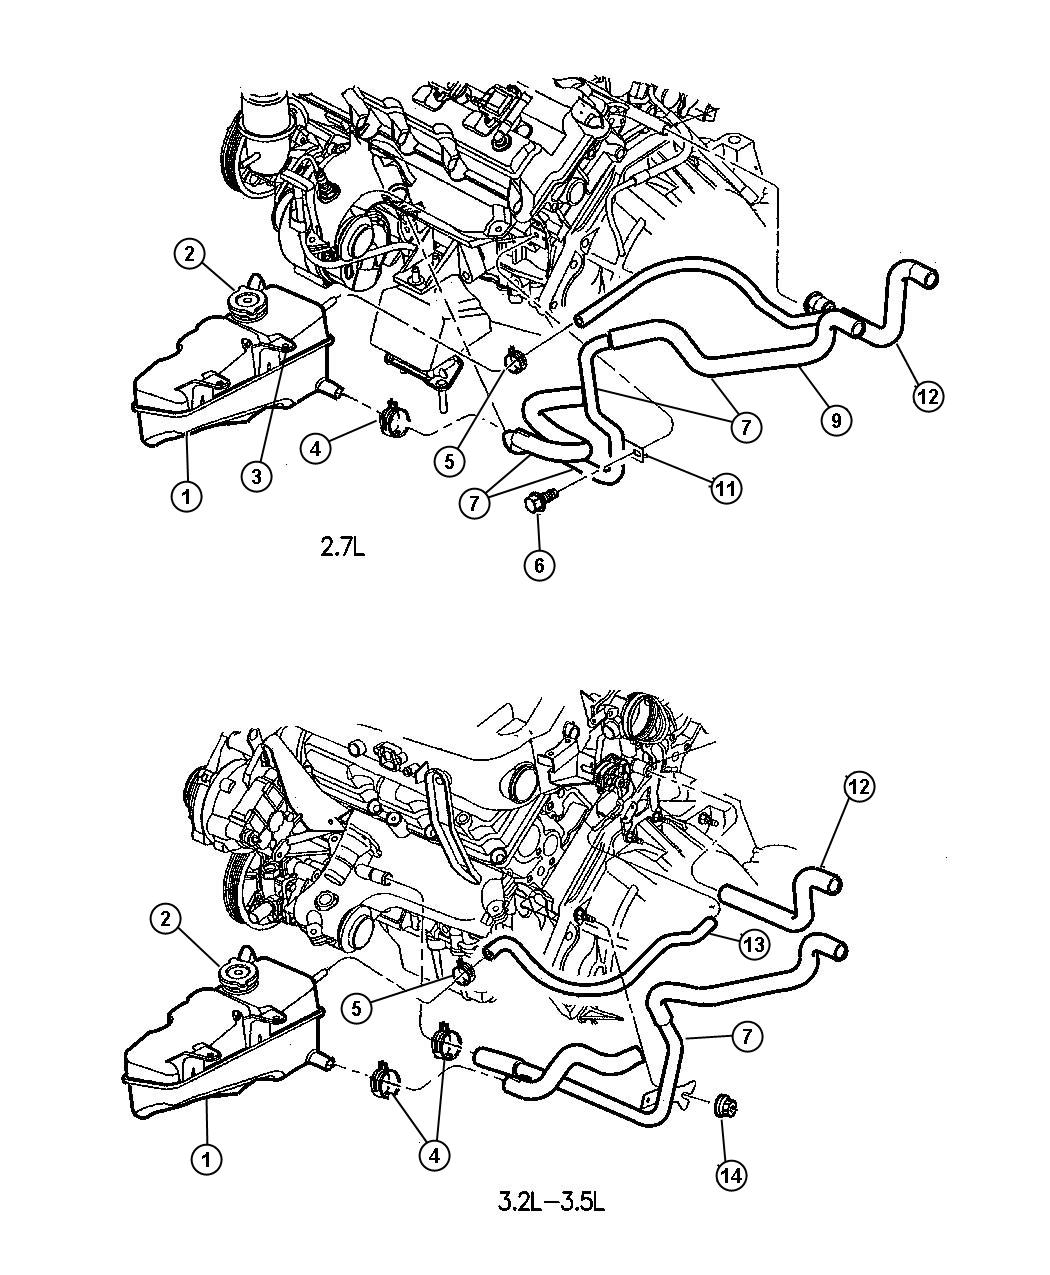 Dodge Intrepid Fuse Box Diagram